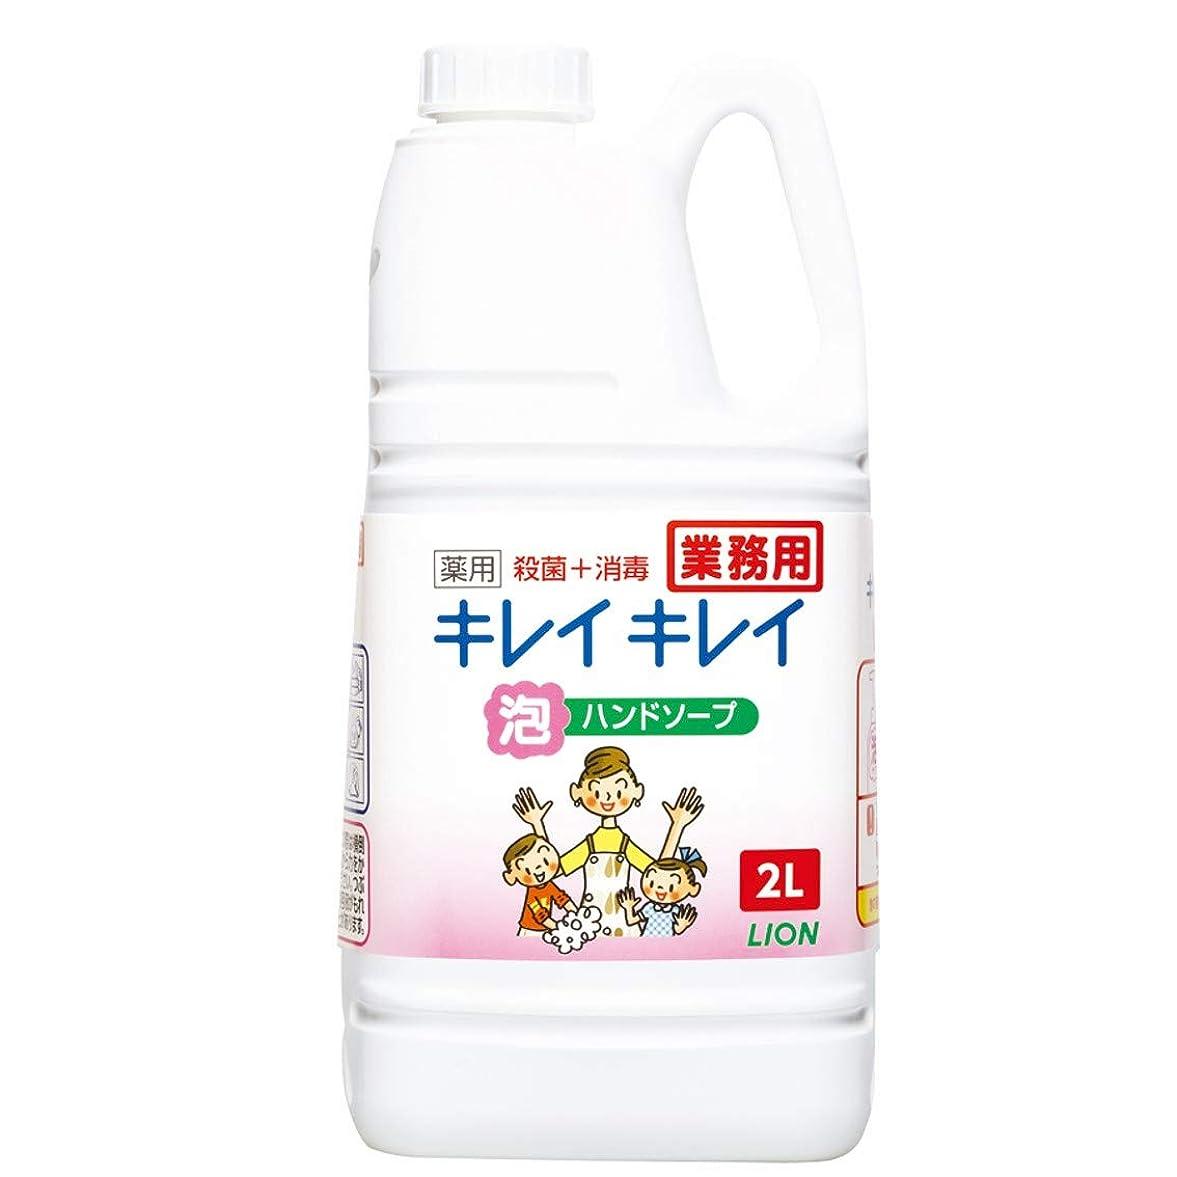 タブレットシンボル財政【業務用 大容量】キレイキレイ 薬用 泡ハンドソープ シトラスフルーティの香り 2L(医薬部外品)